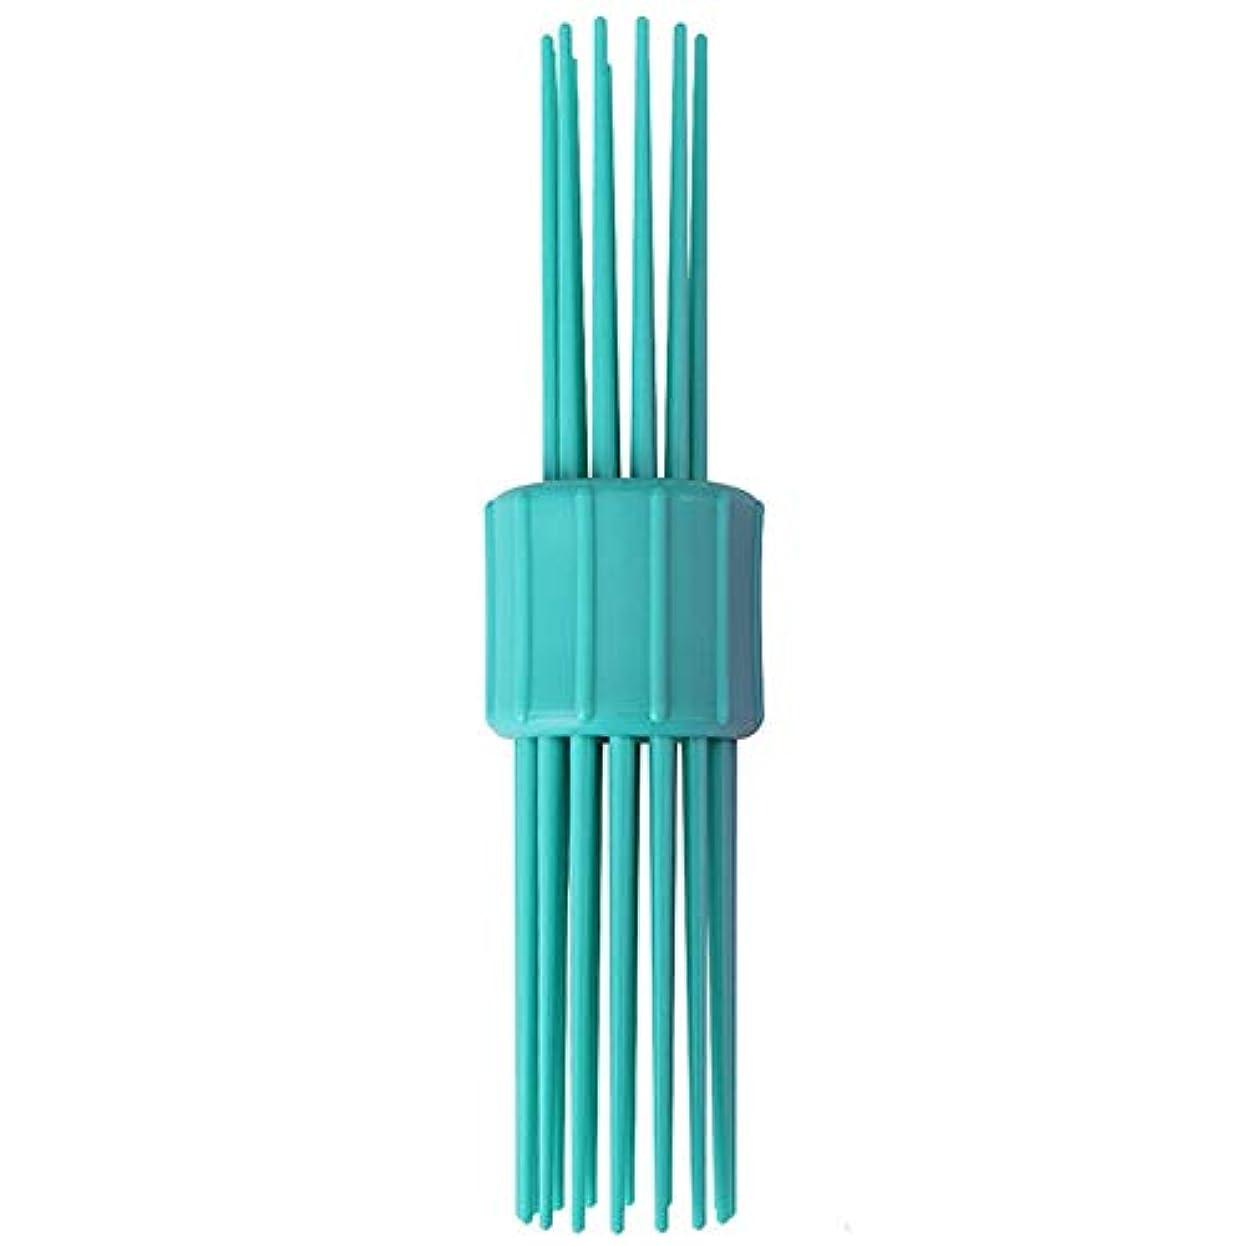 手首護衛状ポータブルリールヘアスタイリングヘアスタイリング波マジックペン多彩な毛の櫛毛の1つのDIYアクセサリーメーカー長く、中、短い髪(青)ツール